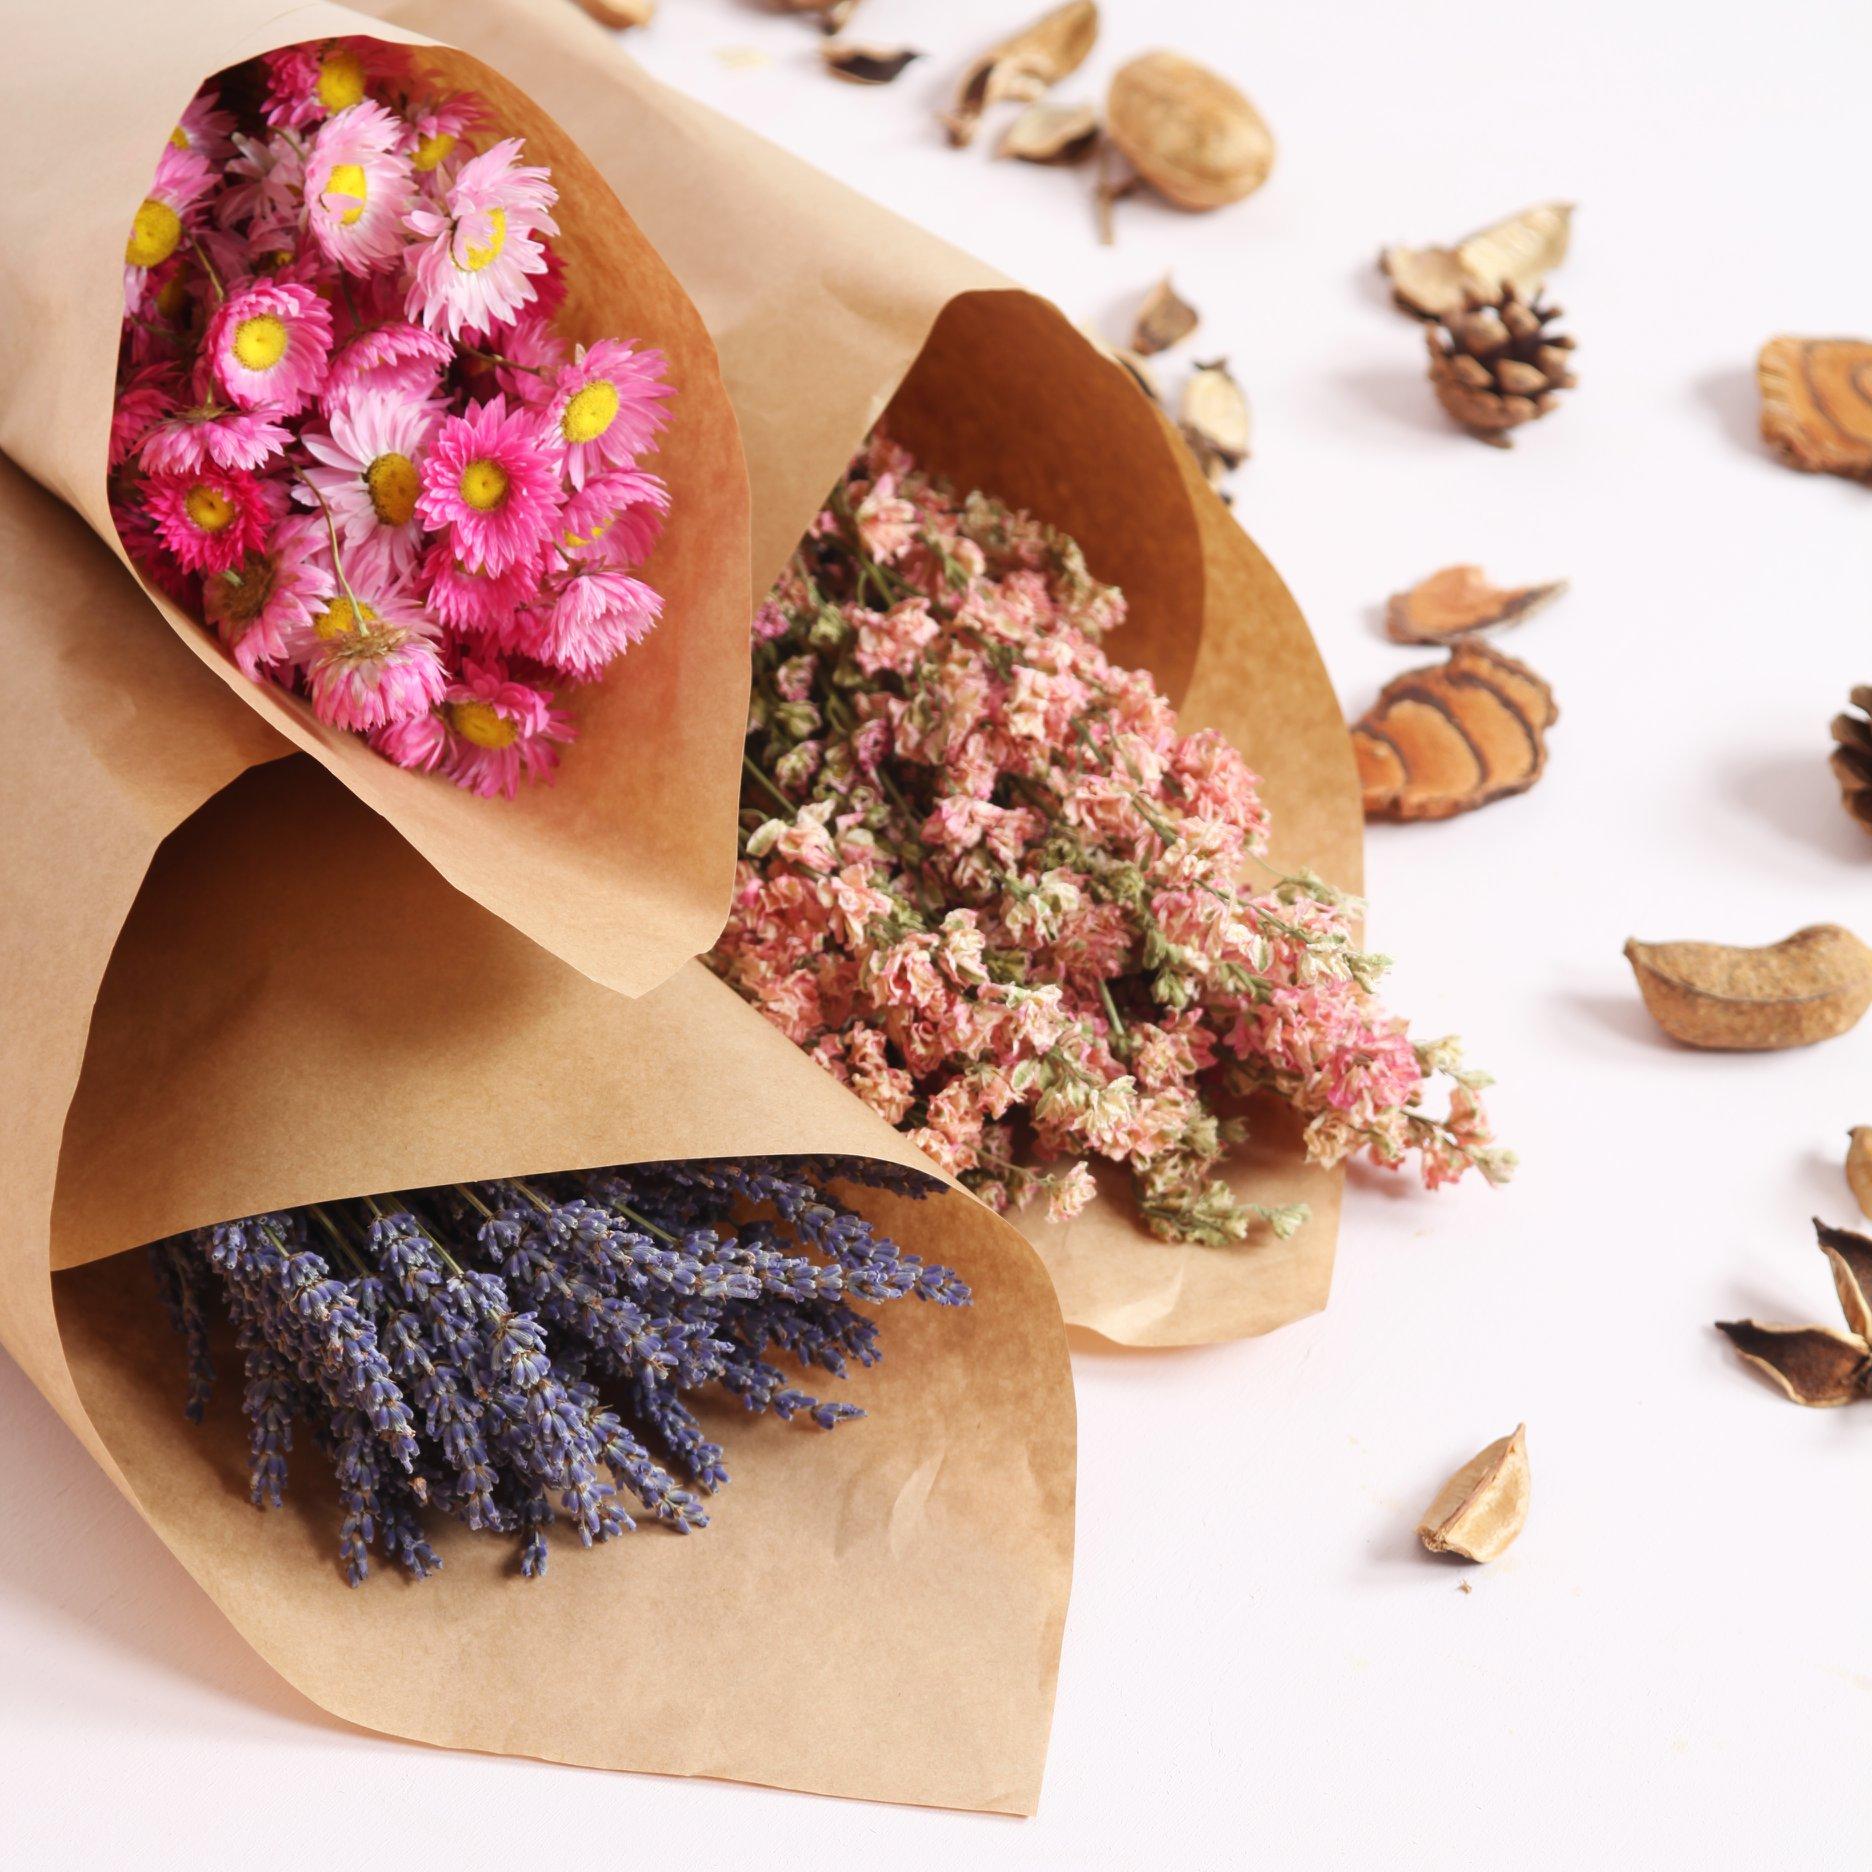 Bottes de fleurs